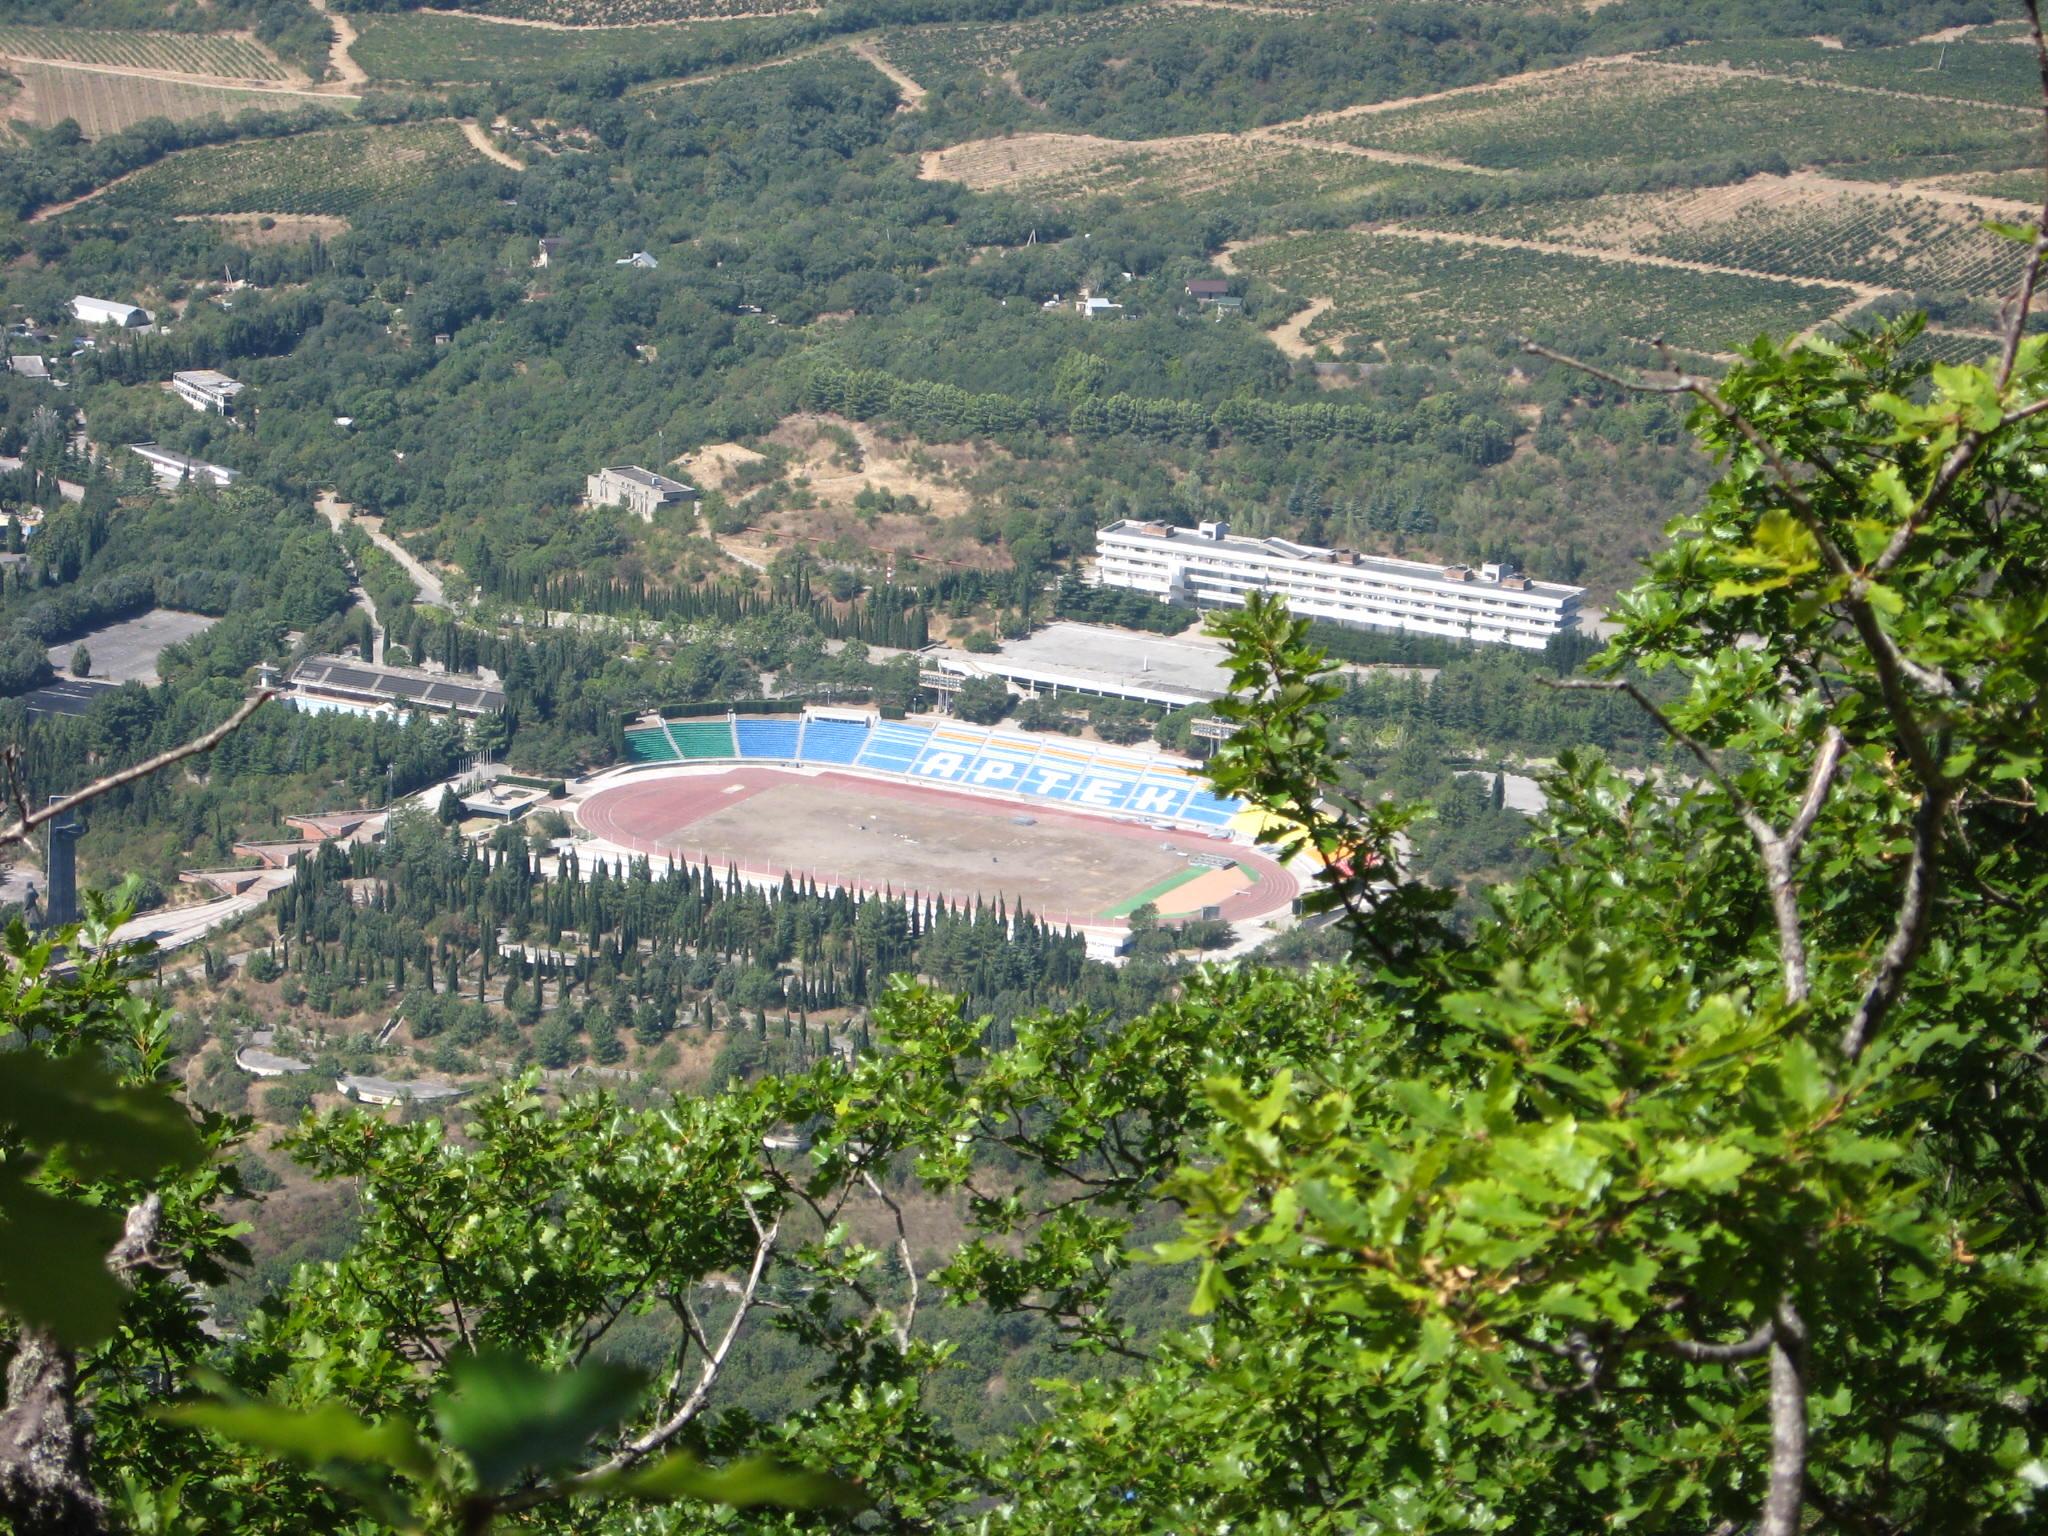 Достопримечательности Гурзуфа. Вид на лагерь Артек с горы - медведь в Гурзуфе